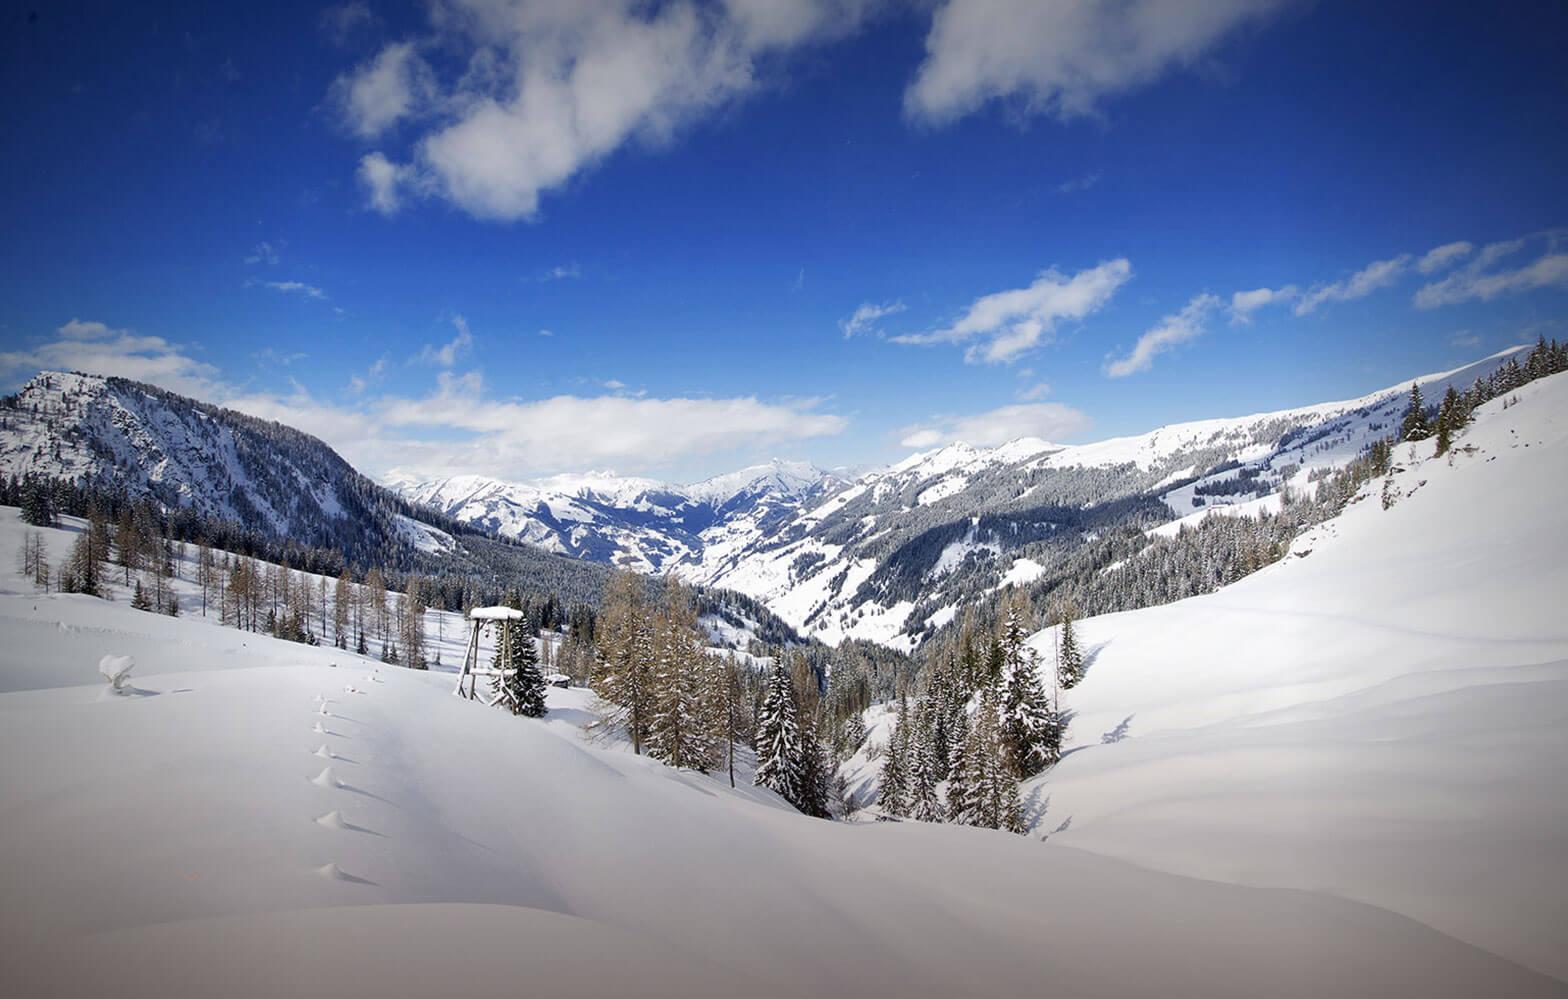 Winterurlaub beim Klausbauer in Großarl